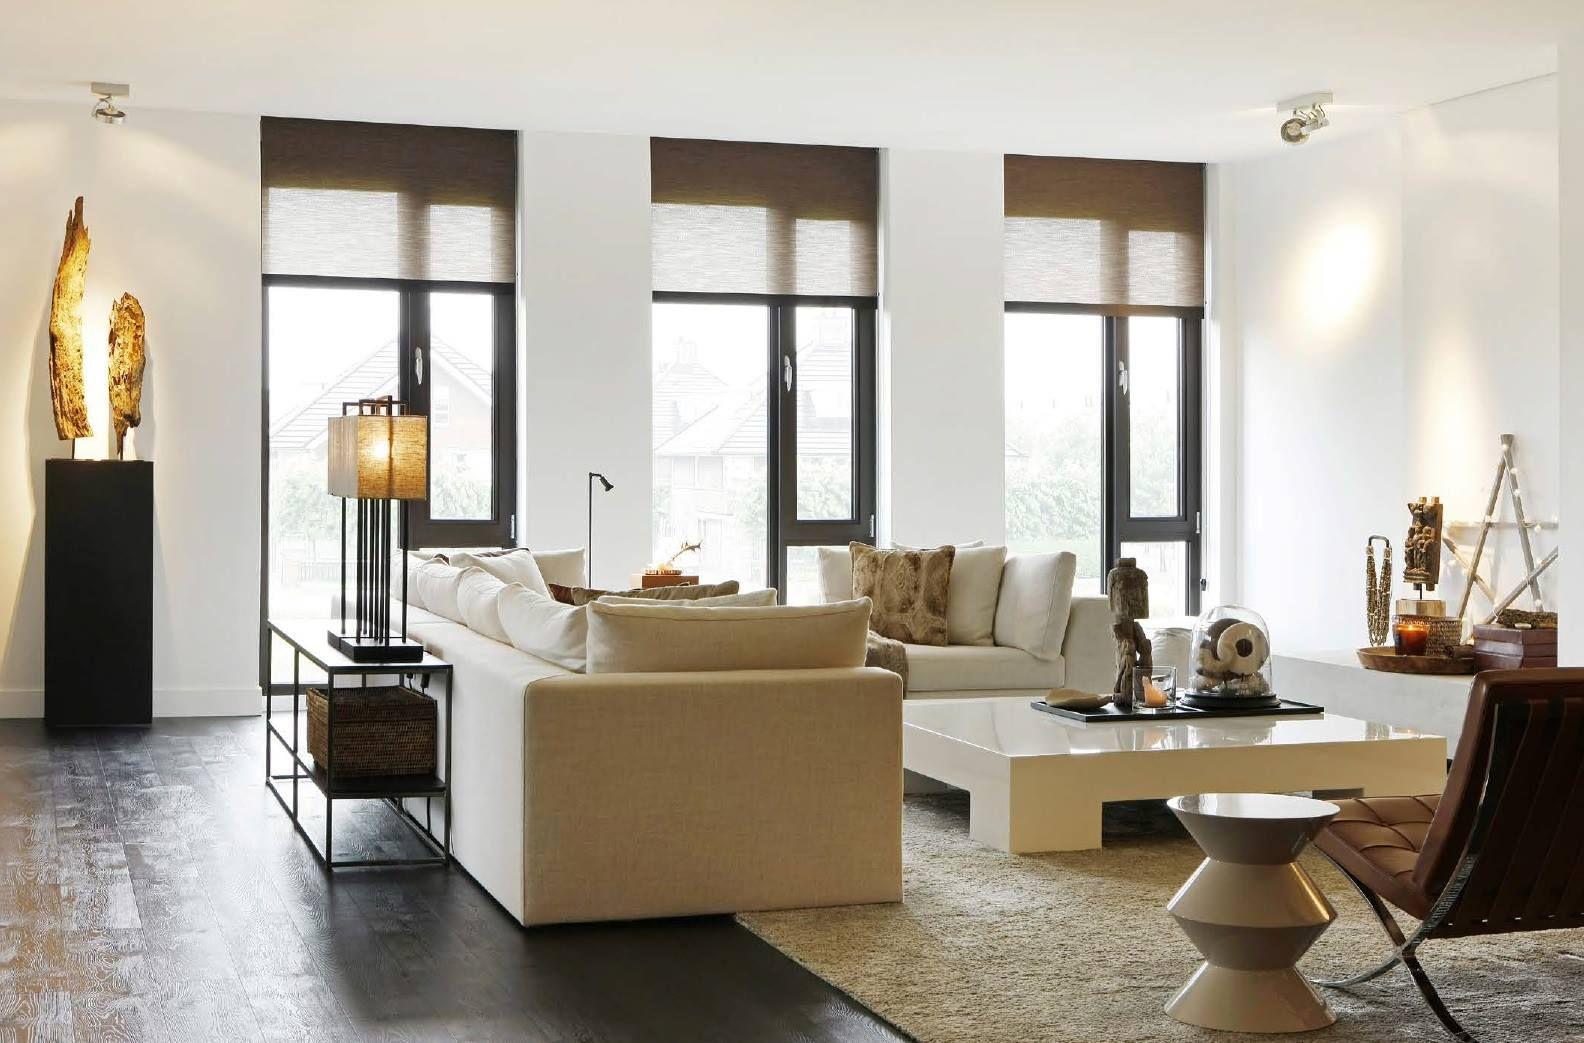 Wohnzimmer des modernen interieurs des hauses warm modern wit interieur  interior  pinterest  wohnzimmer und haus